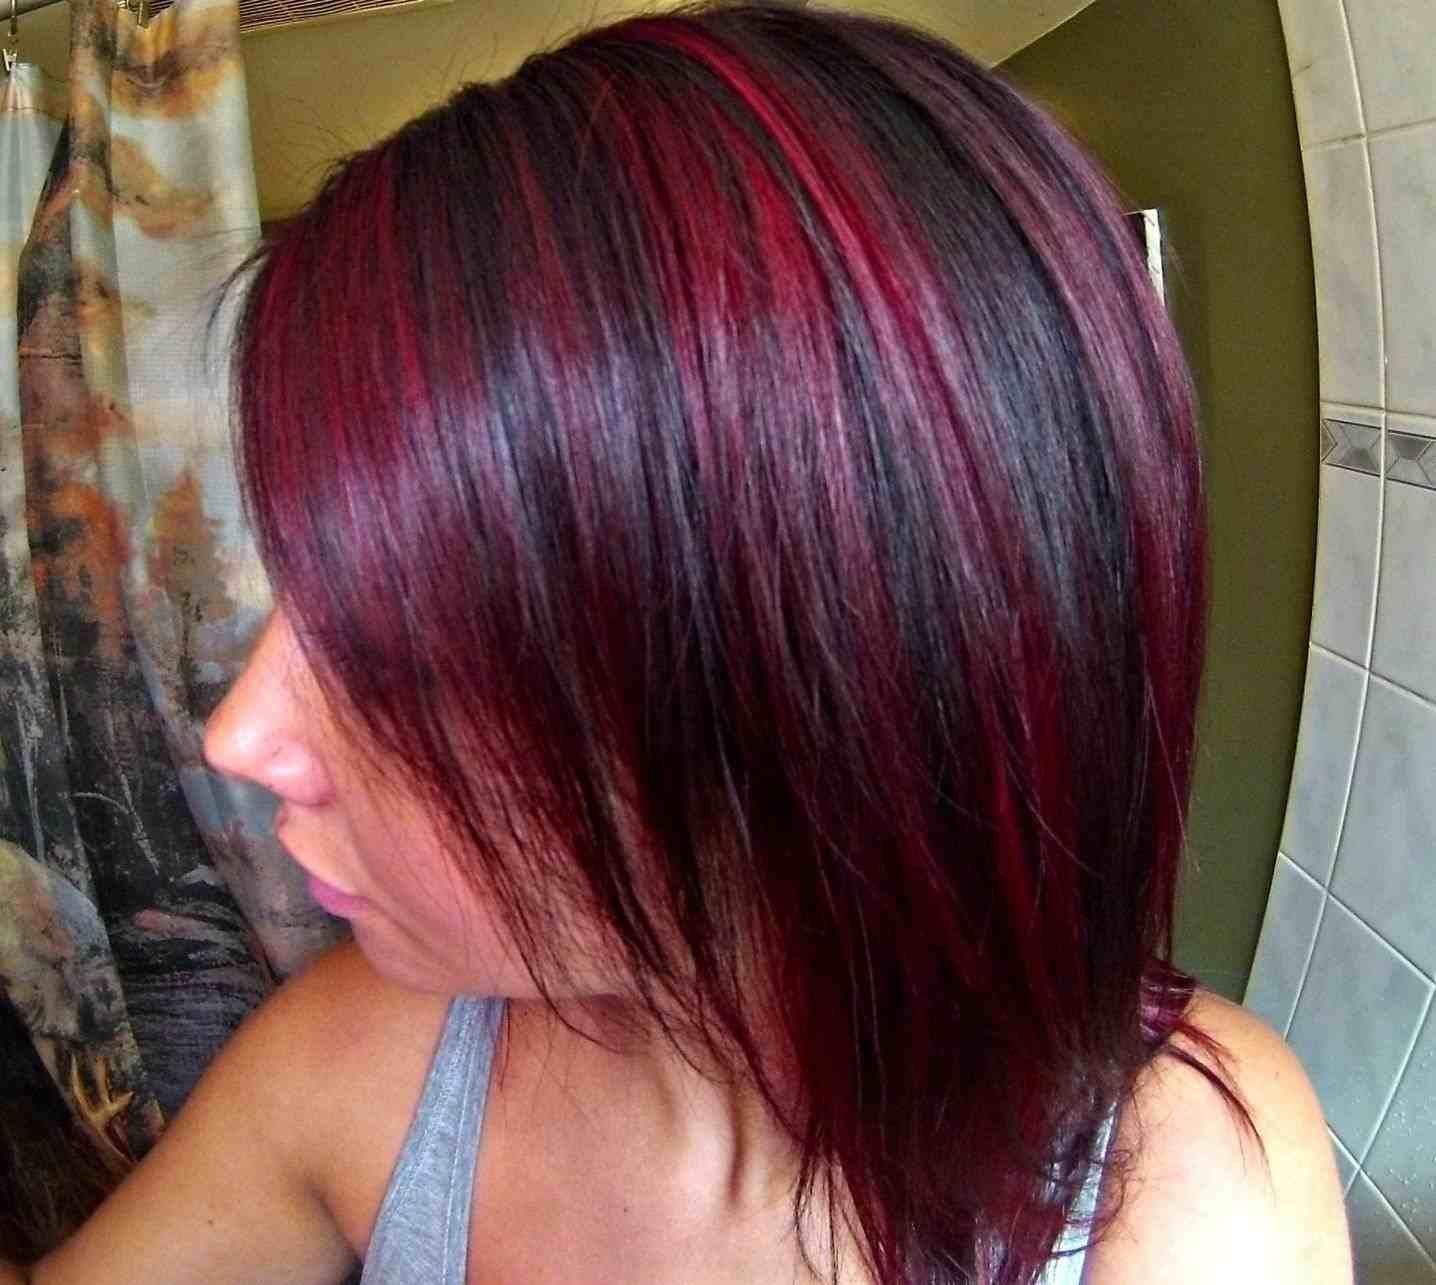 Brown Hair Blonde And Red Highlights Black Hair Ideas Hair Hilite Lowlite Auburn Red Hair Highlights Blonde Hair With Highlights Burgundy Hair With Highlights